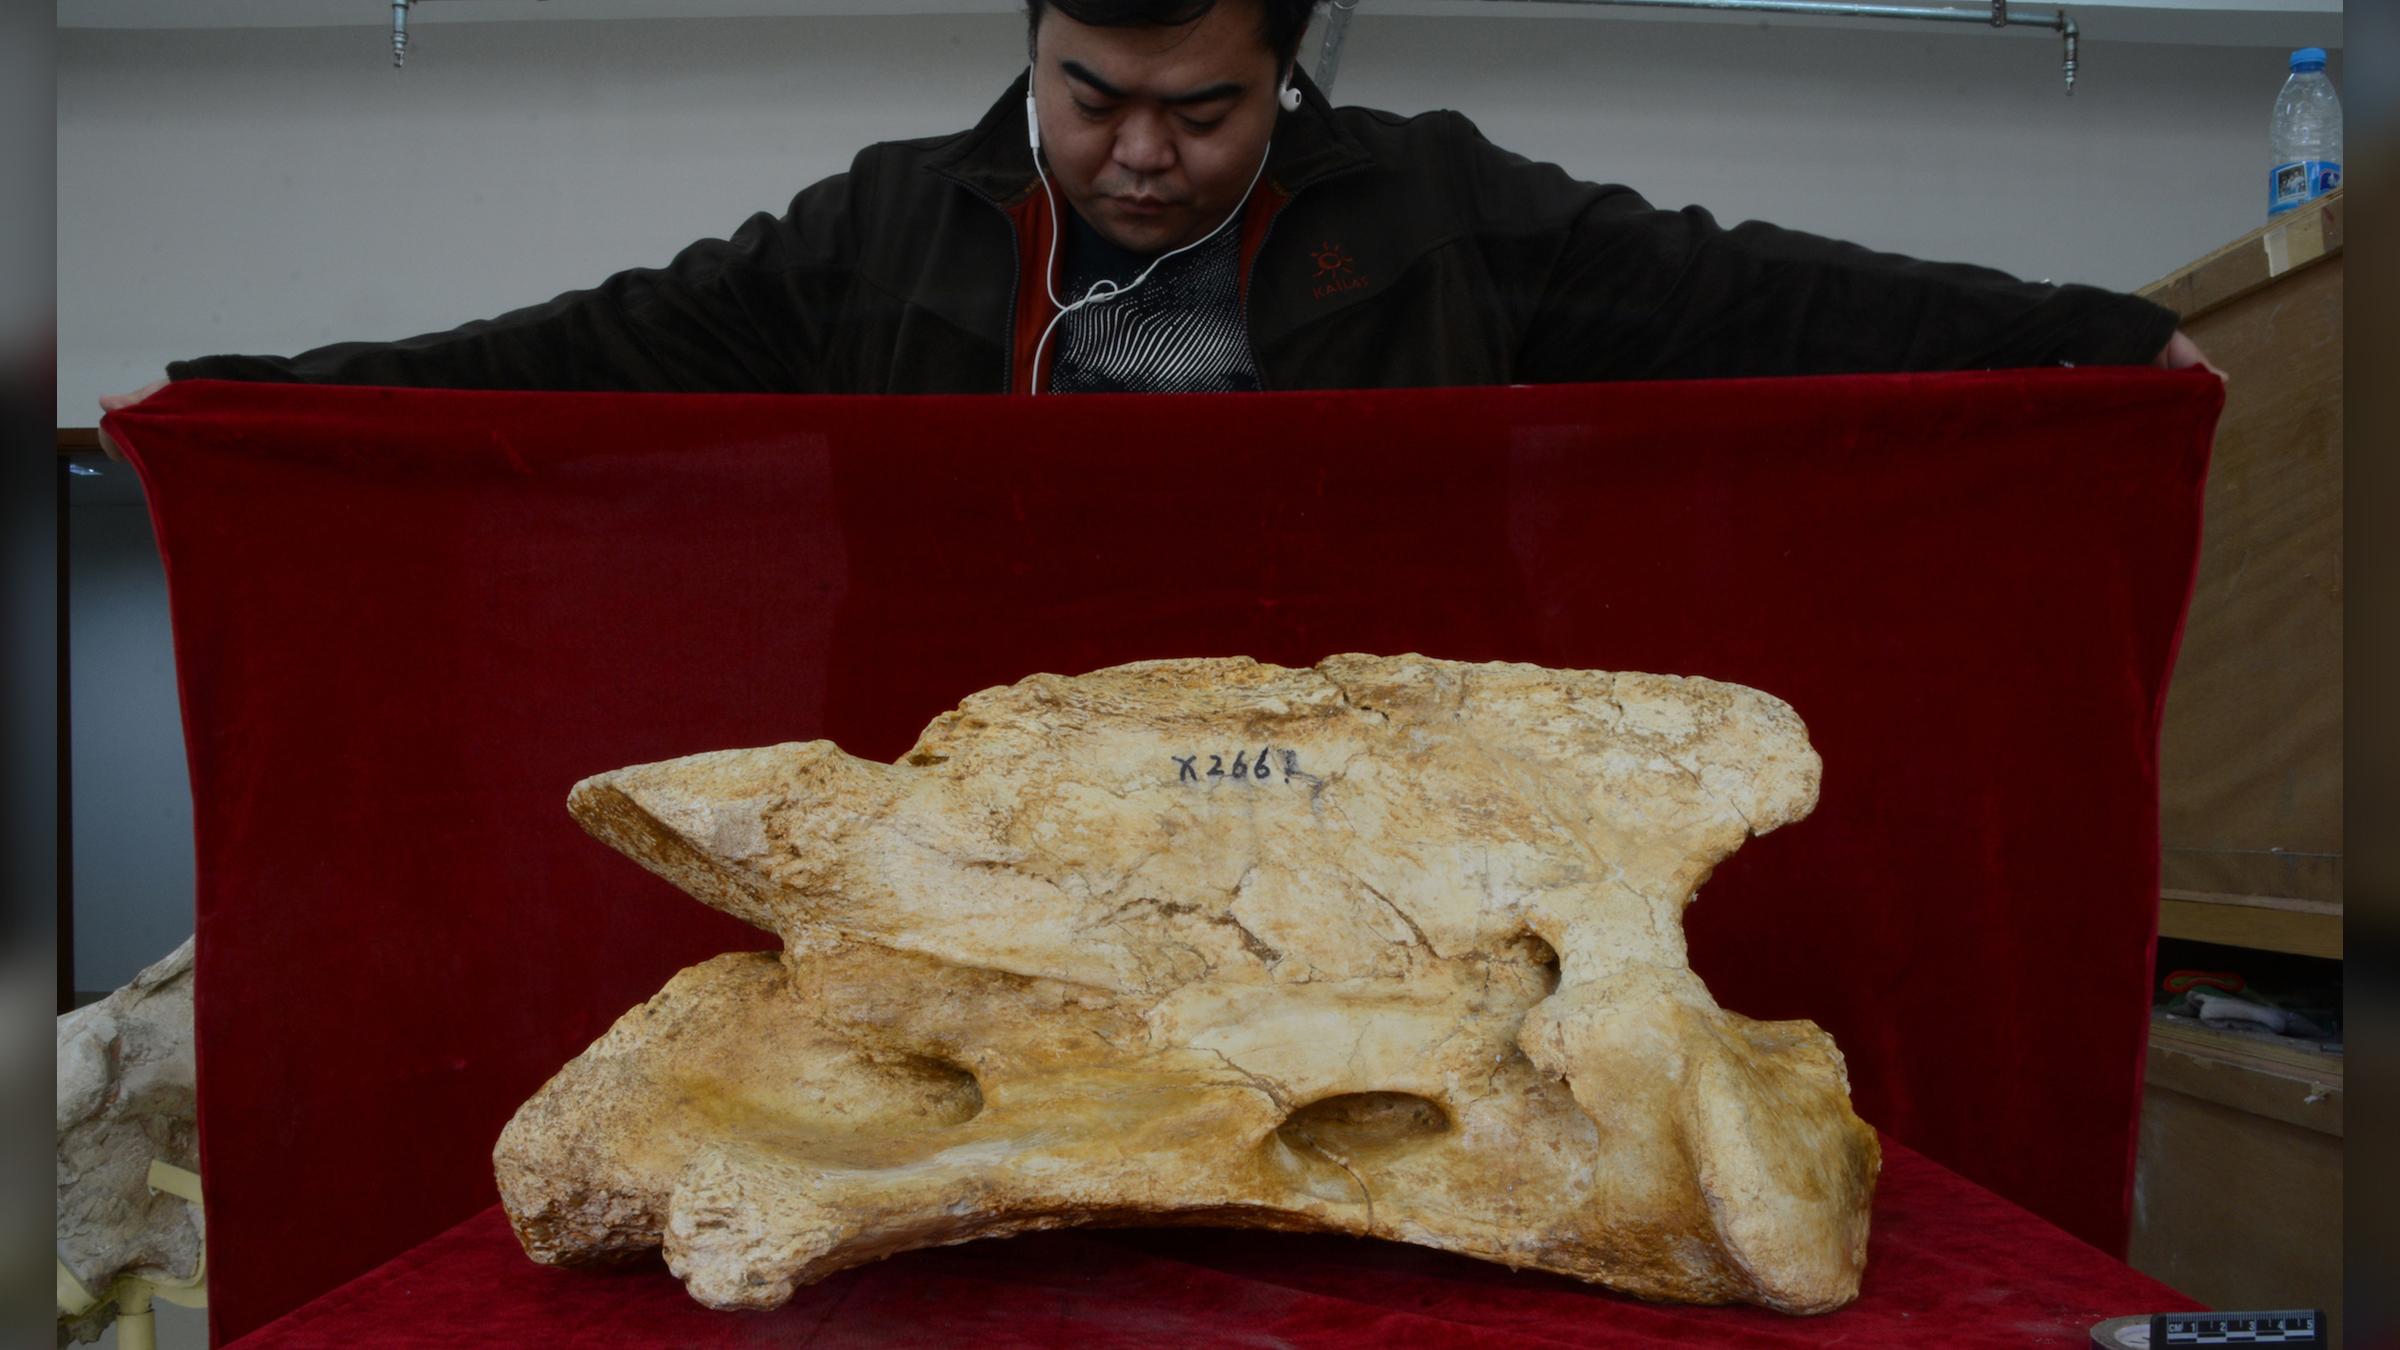 Le grand axe (deuxième vertèbre cervicale) du rhinocéros géant Paraceratherium linxiaense, comparé à un technicien.